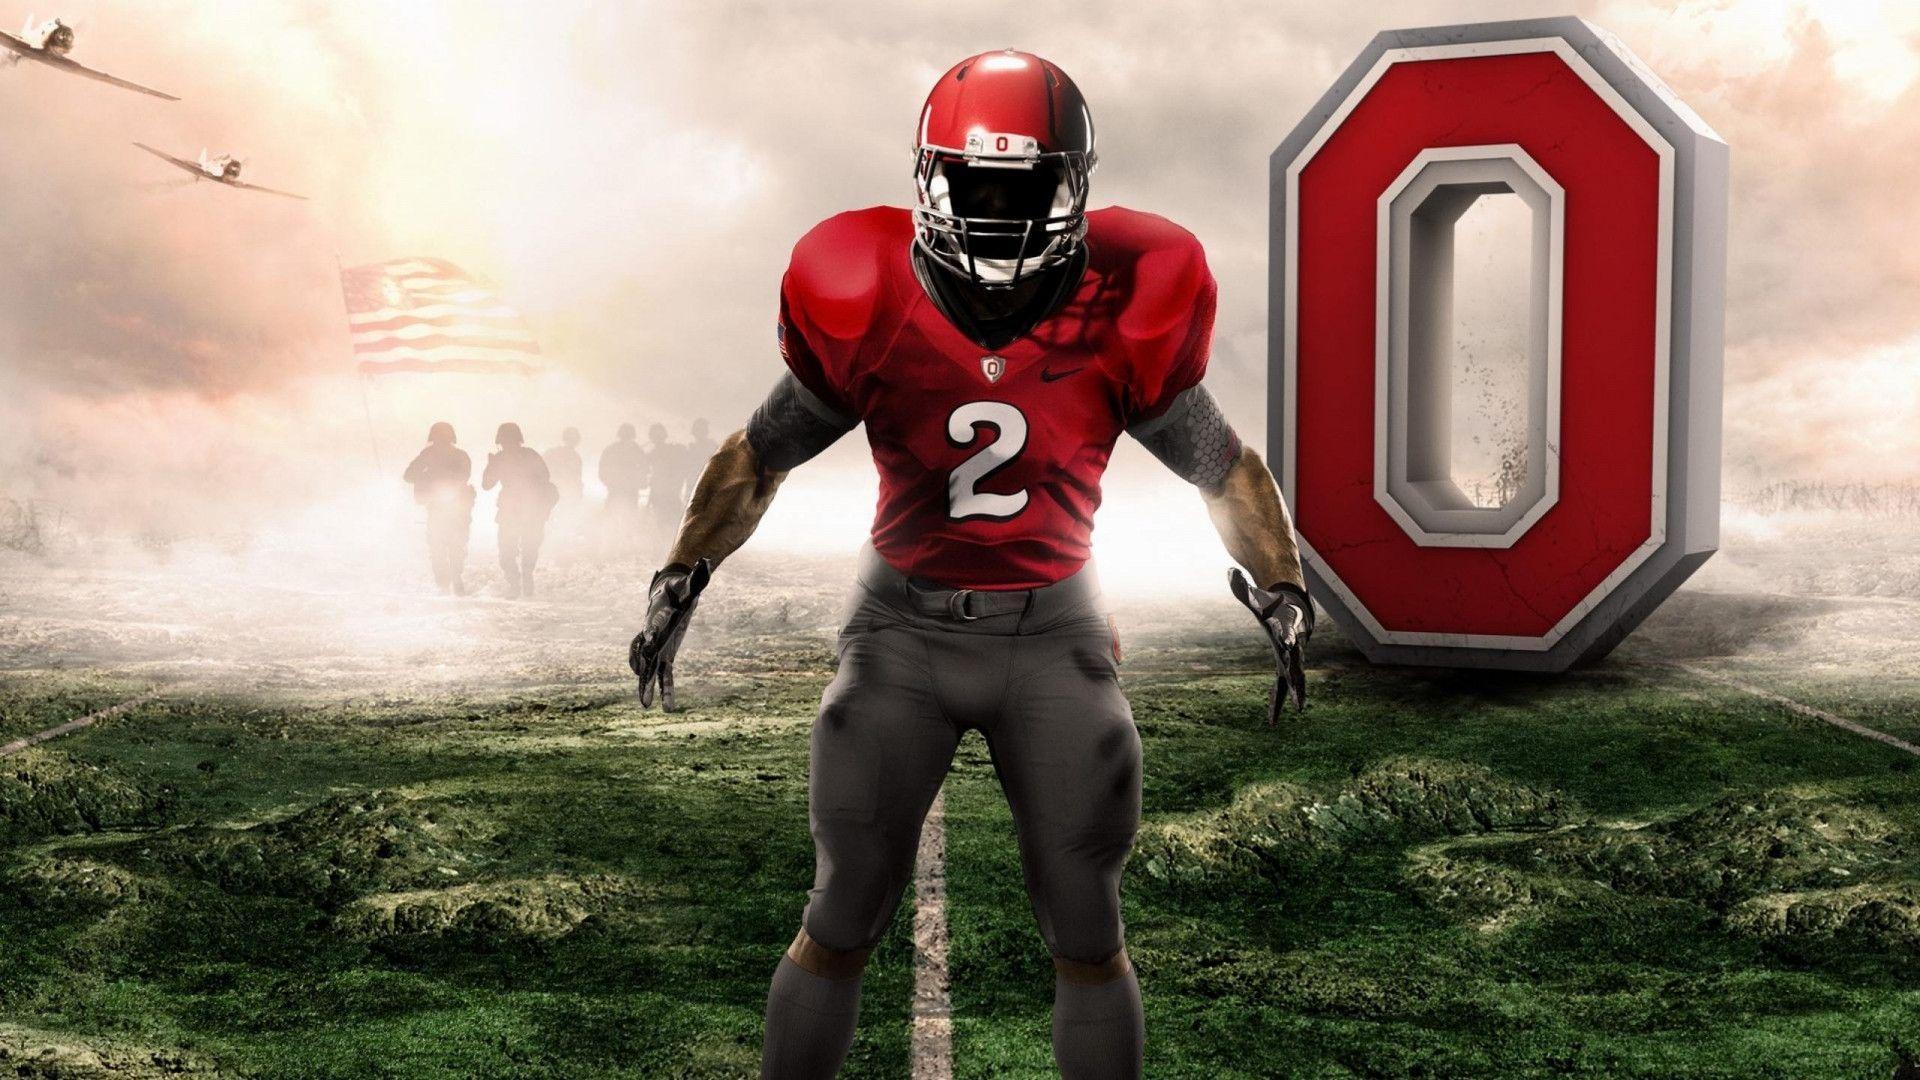 Best College Football Sport Themed Wallpaper